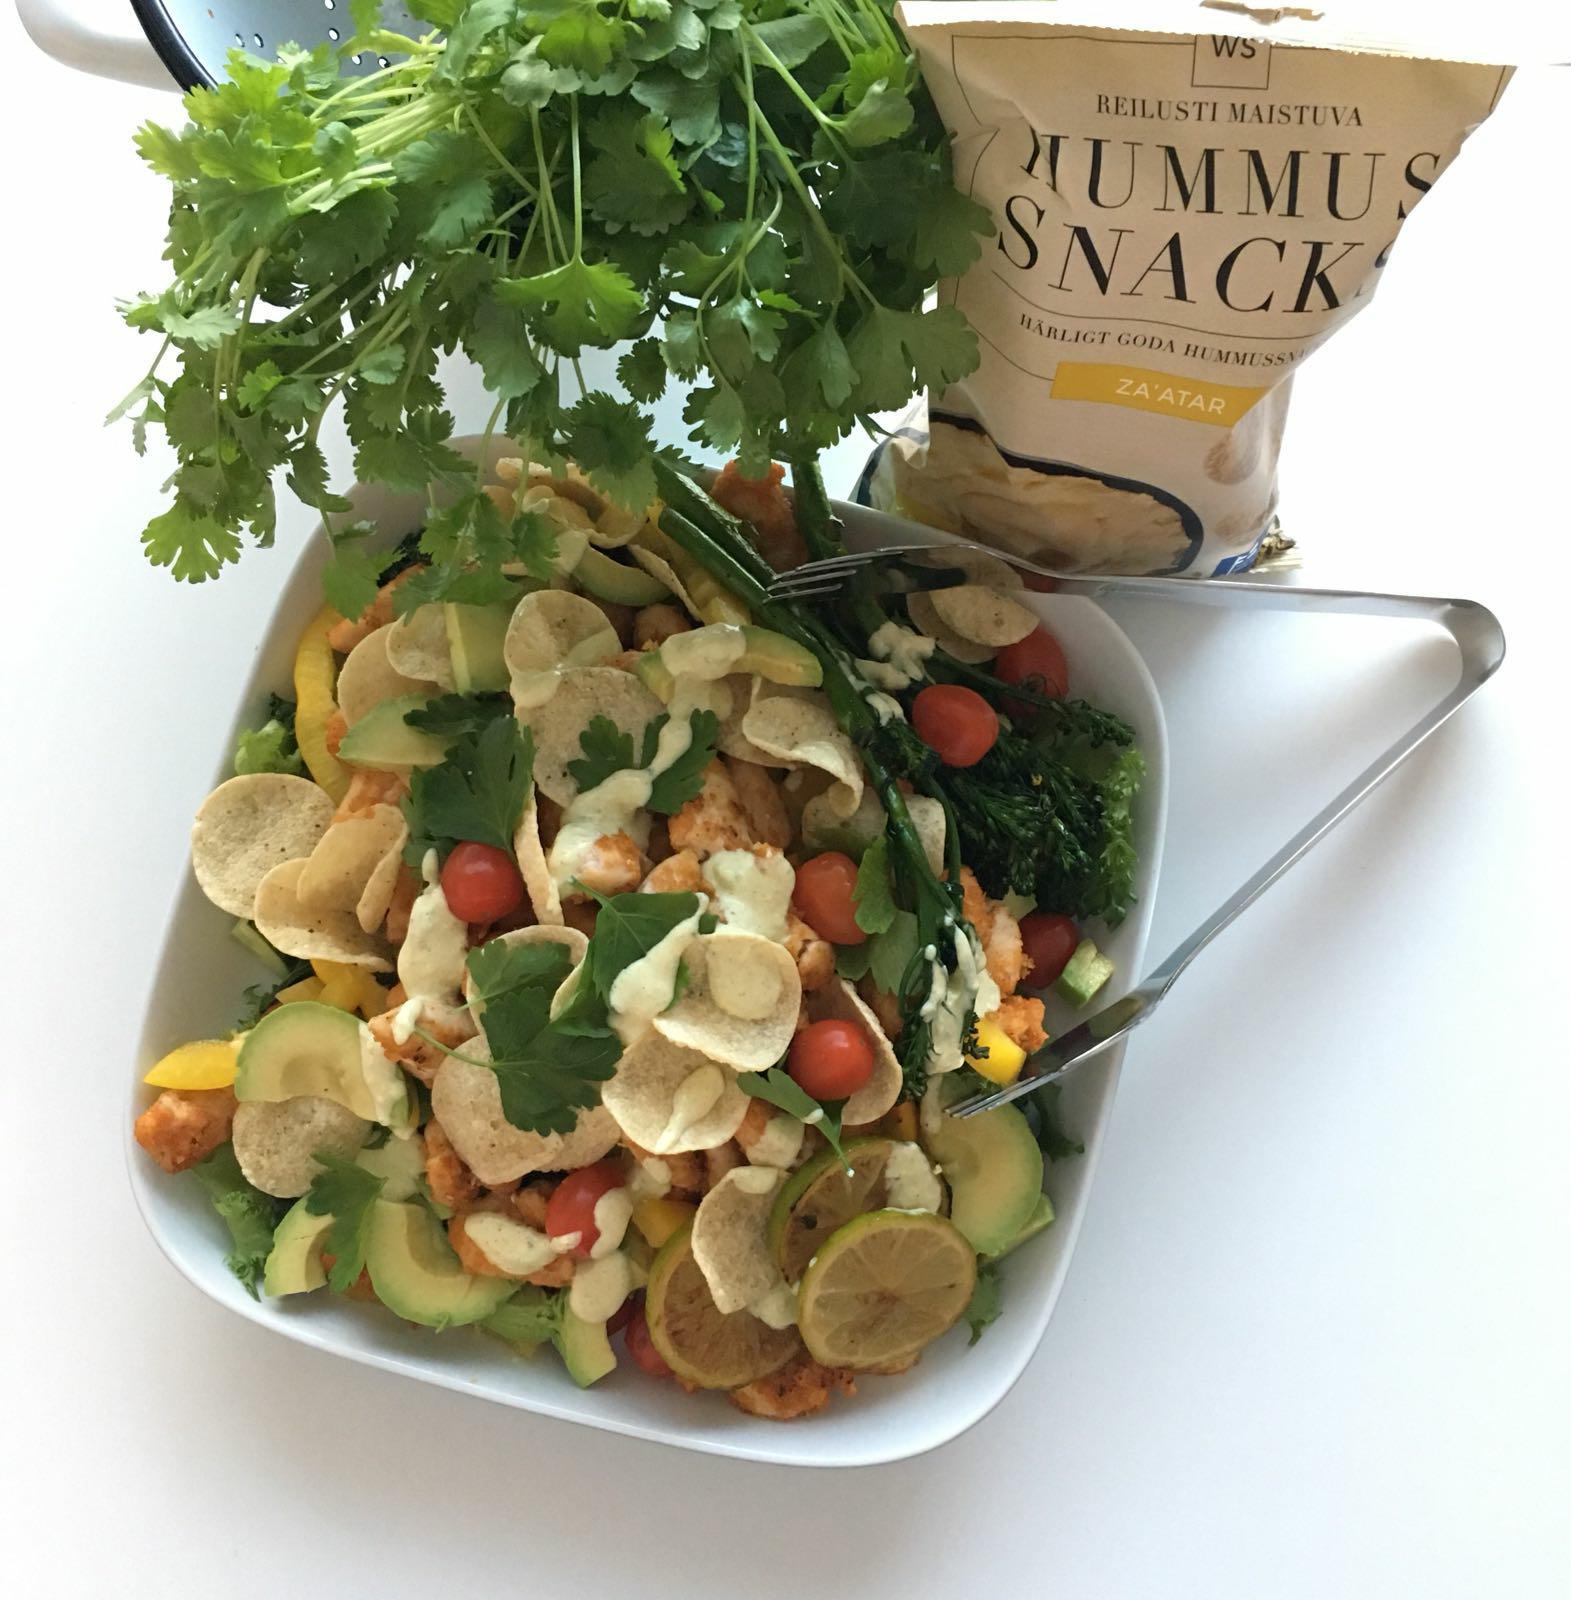 Herkkusalaatti Meksikolaisella twistillä WS Zatar Hummus Snacksien kera